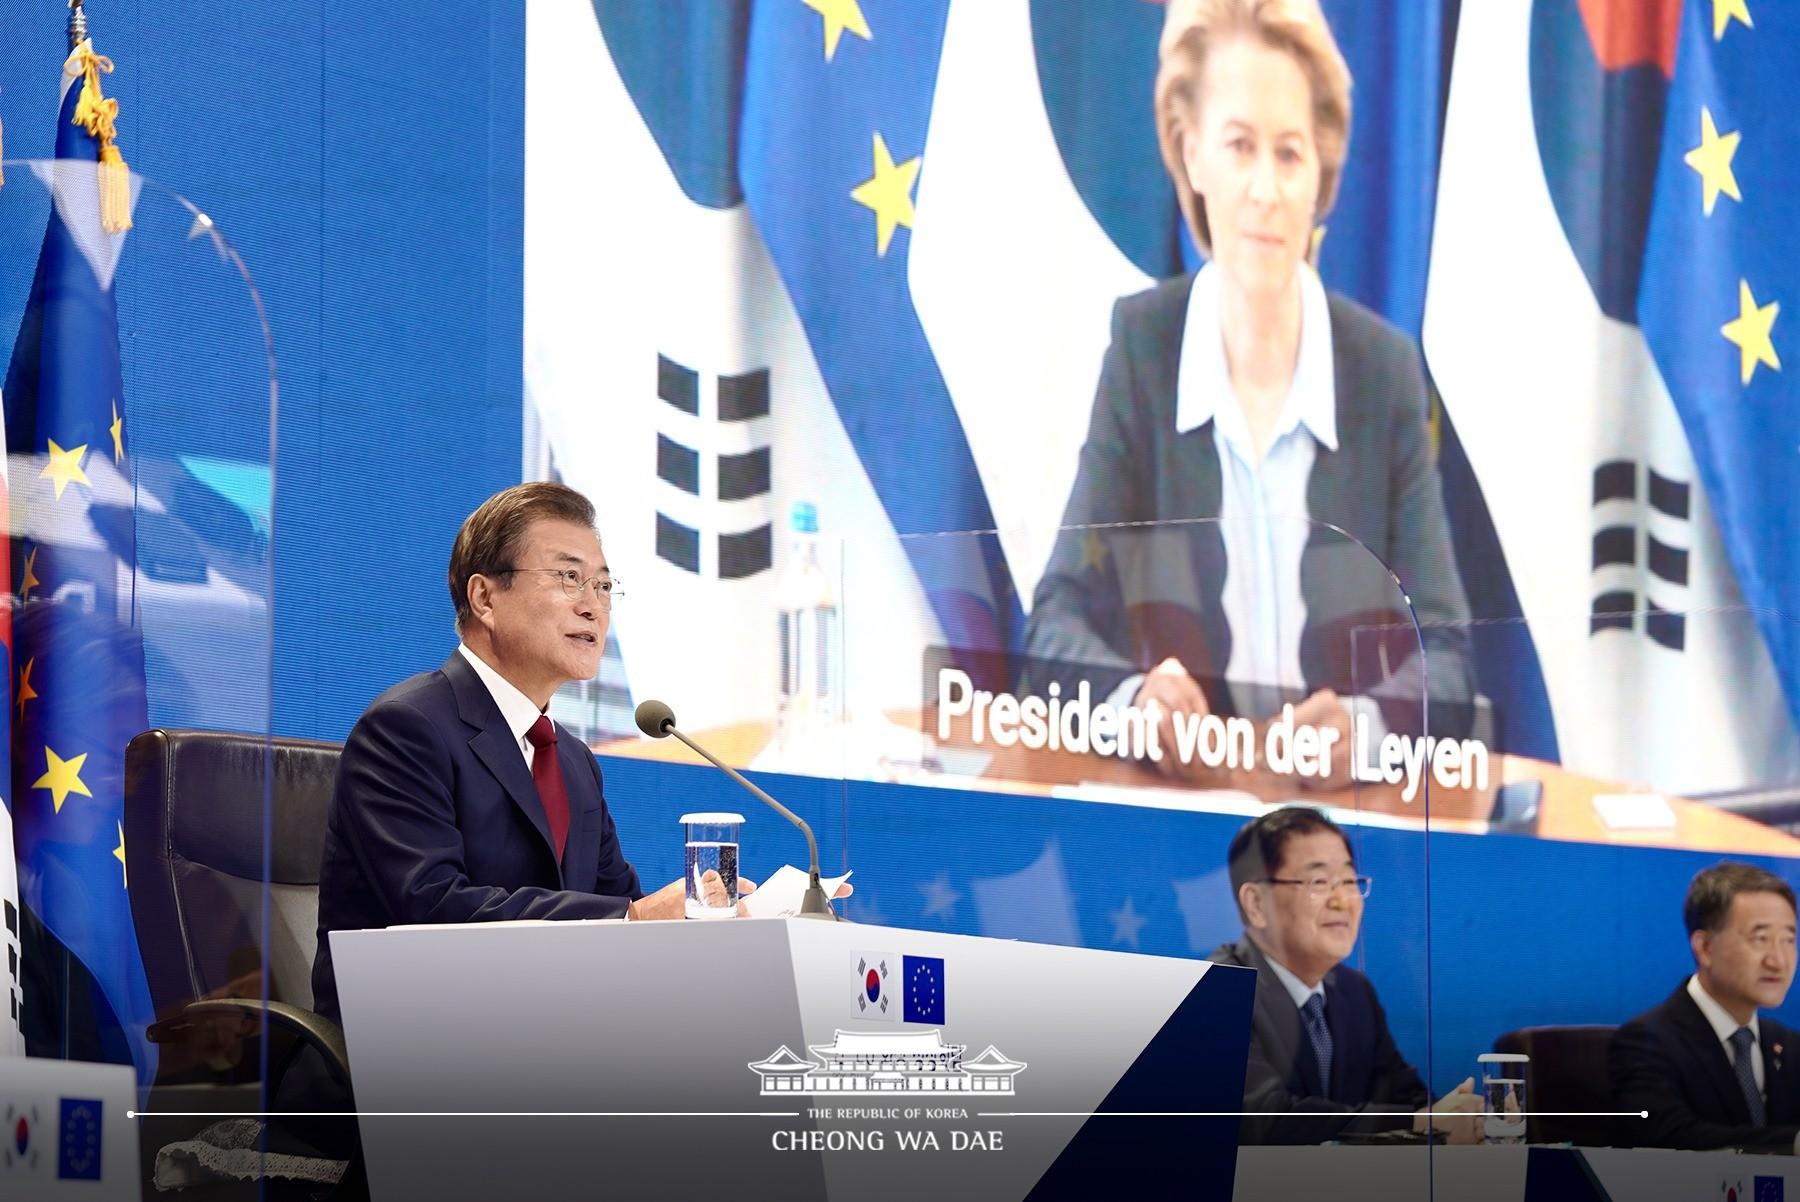 ▲▼南韓總統文在寅與歐盟舉行視訊會議。(圖/翻攝自青瓦台臉書)